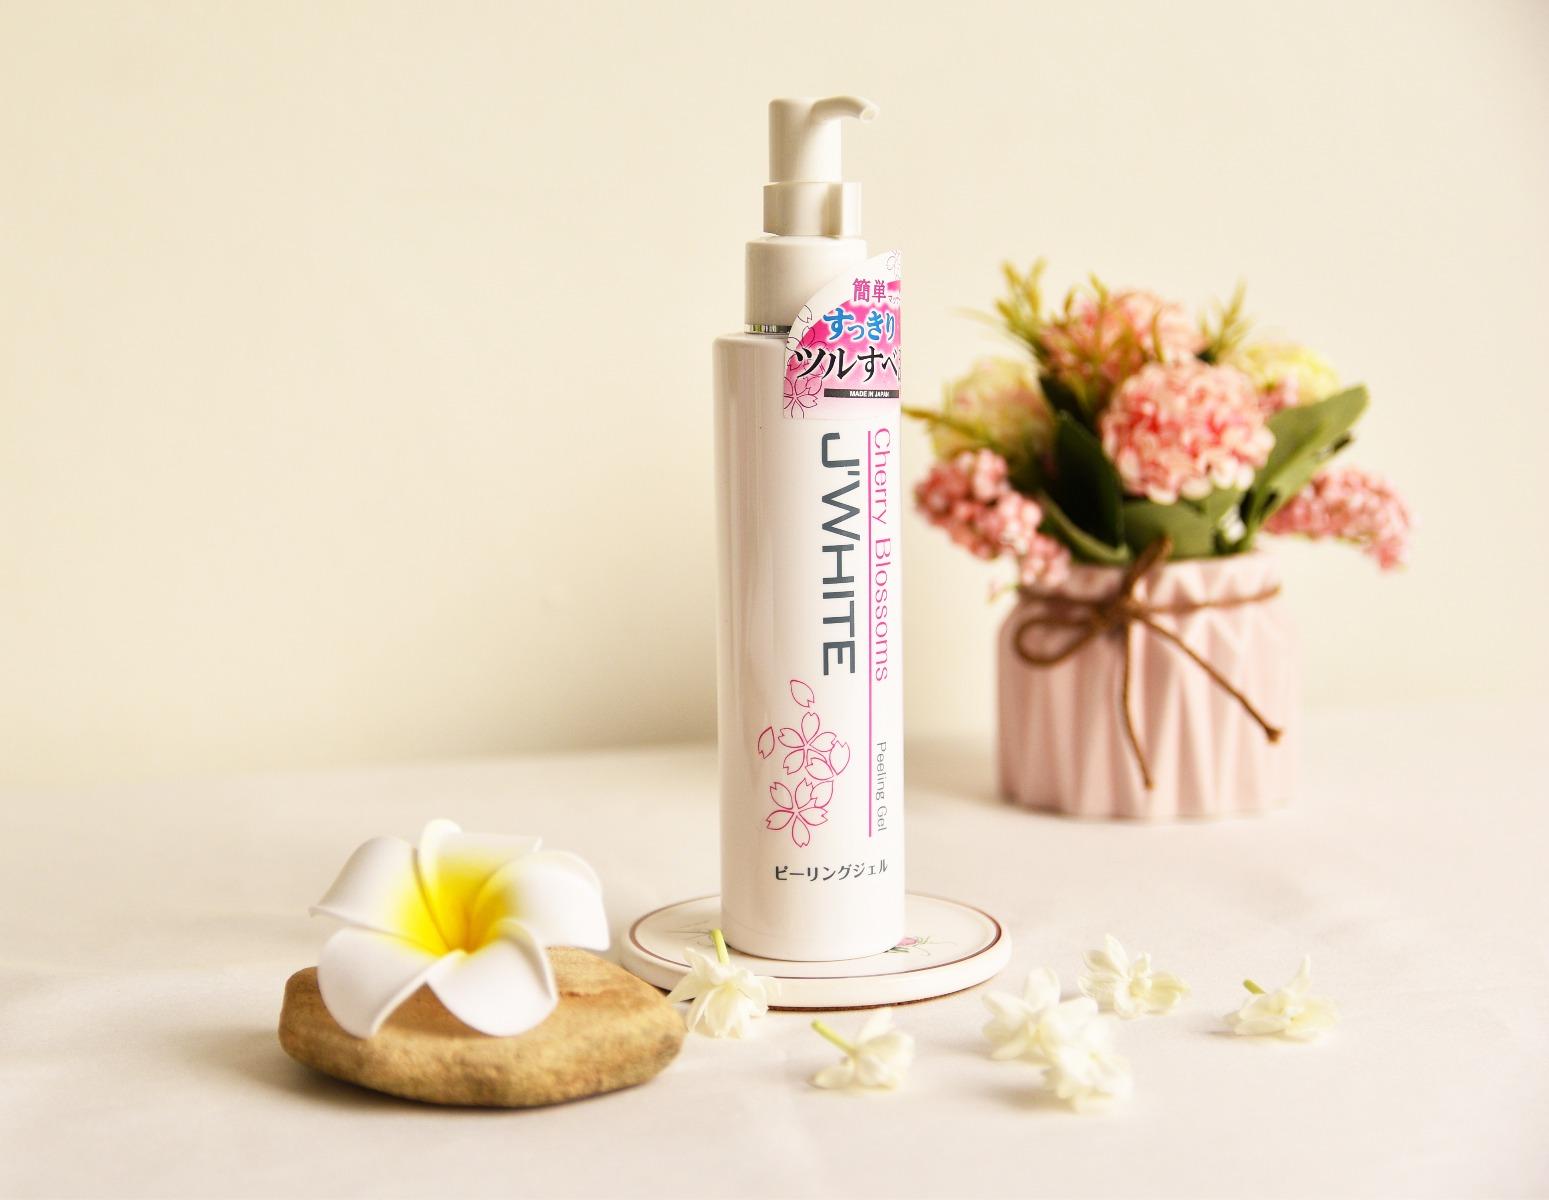 Gel Tẩy Tế Bào Chết Chiết Xuất Hoa Anh Đào J'WHITE Cherry Blossom Peeling Gel 150ml hiện đã có mặt tại Hasaki